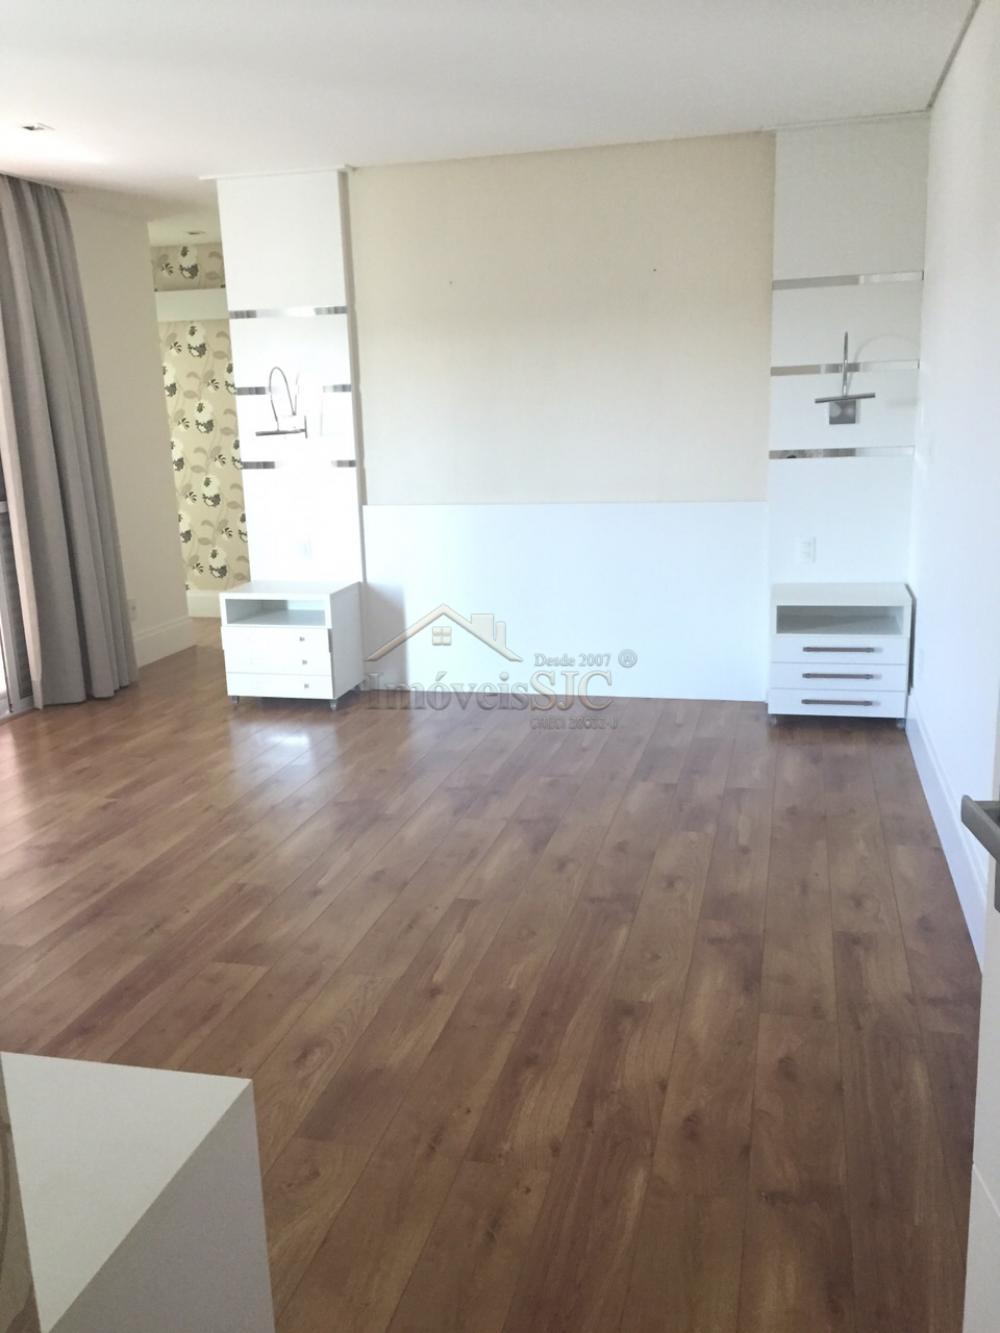 Alugar Casas / Condomínio em São José dos Campos apenas R$ 15.000,00 - Foto 15